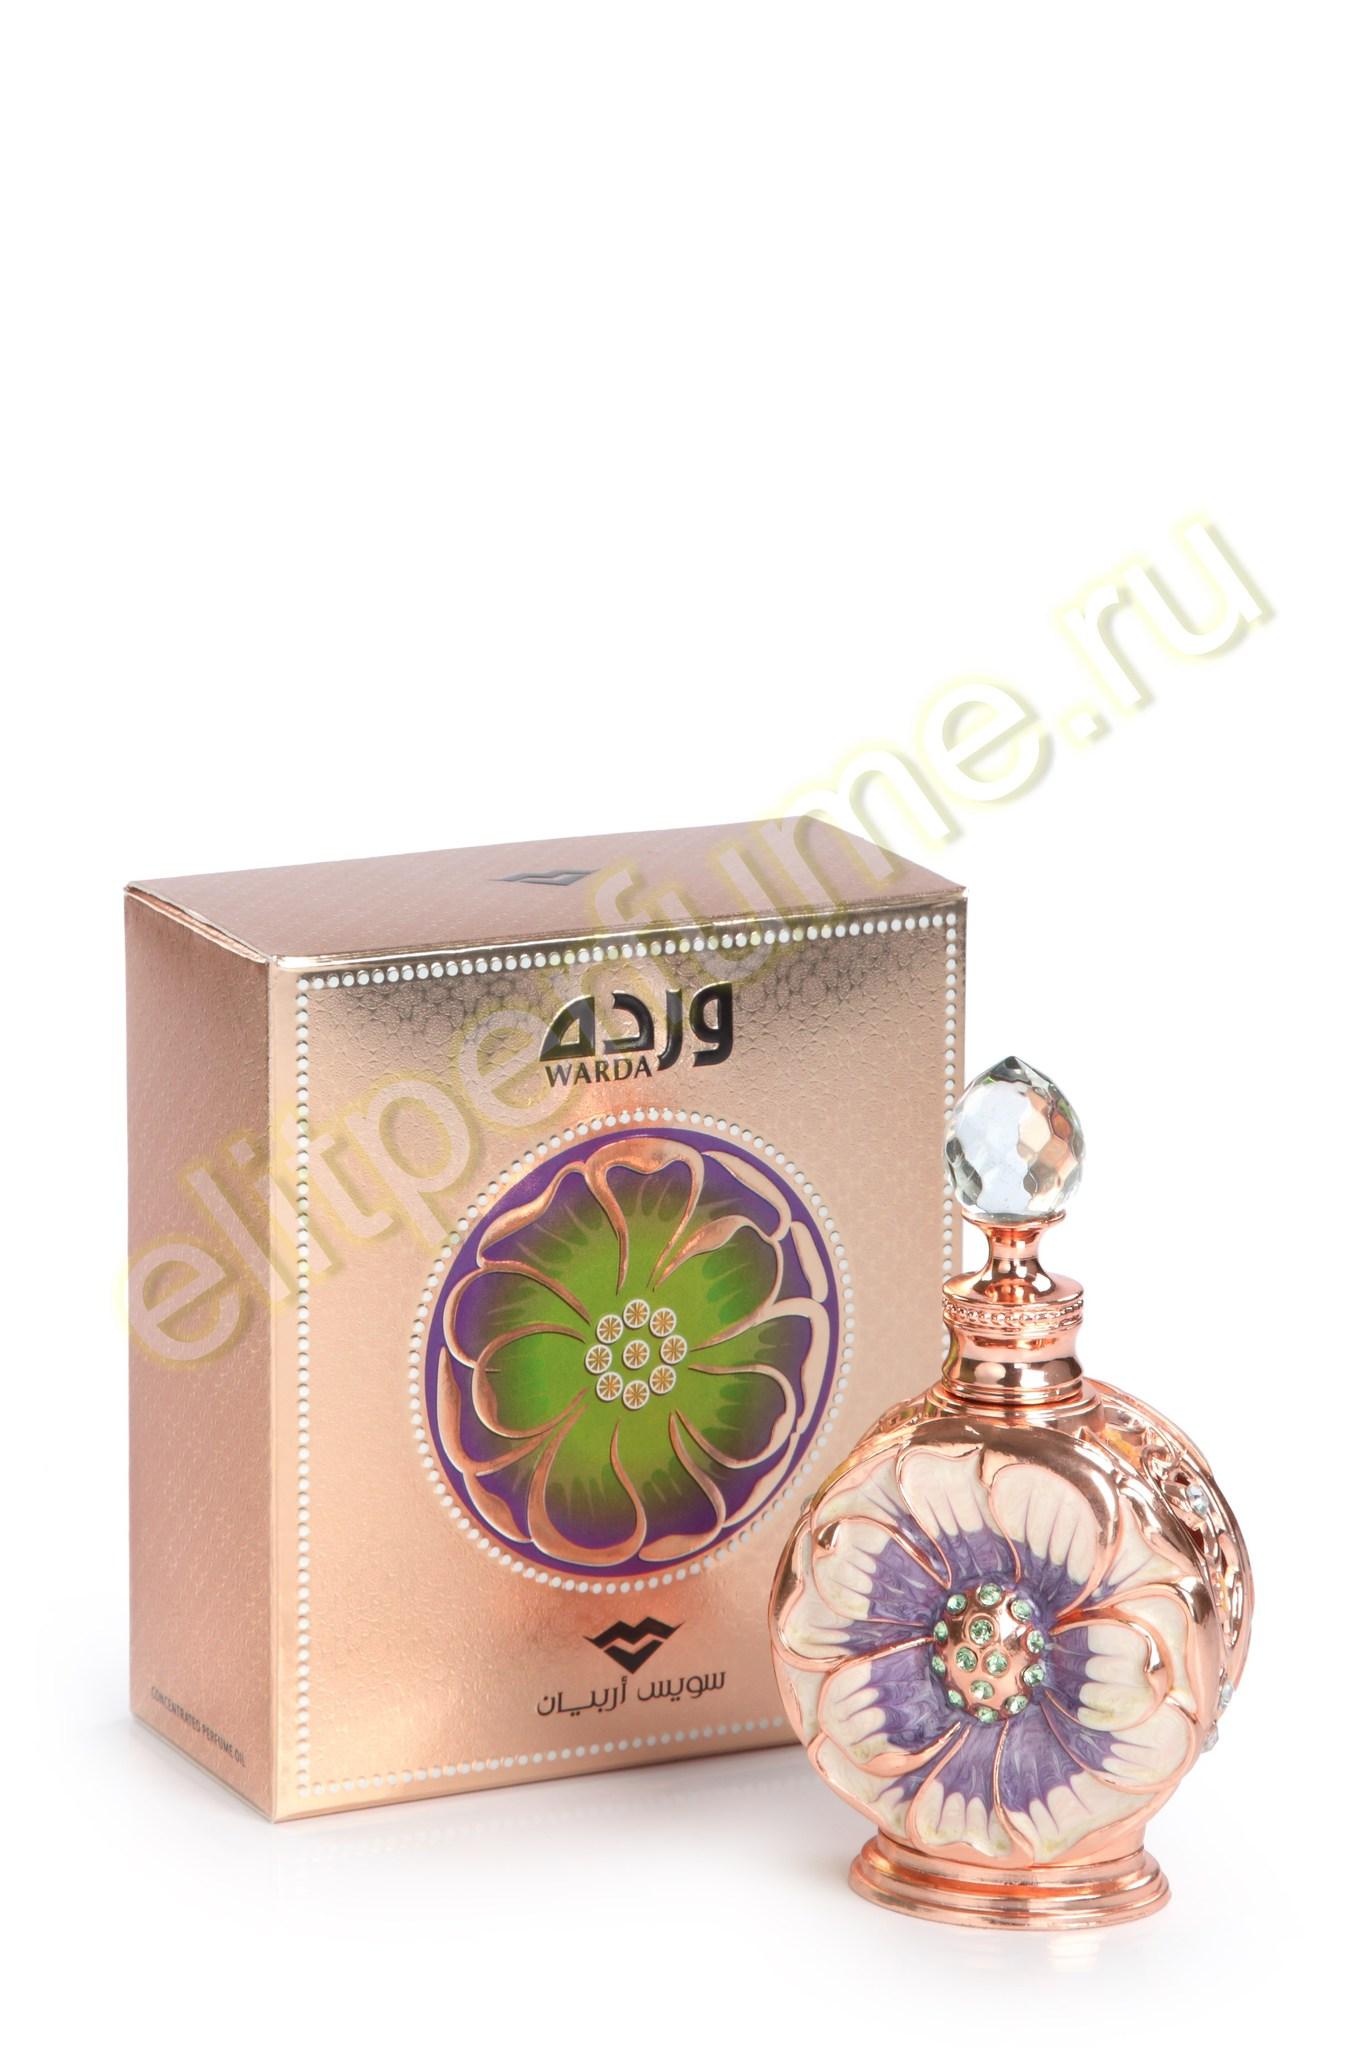 Пробники для арабских духов Warda Варда 1 мл арабские масляные духи от Свисс Арабиан Swiss Arabian